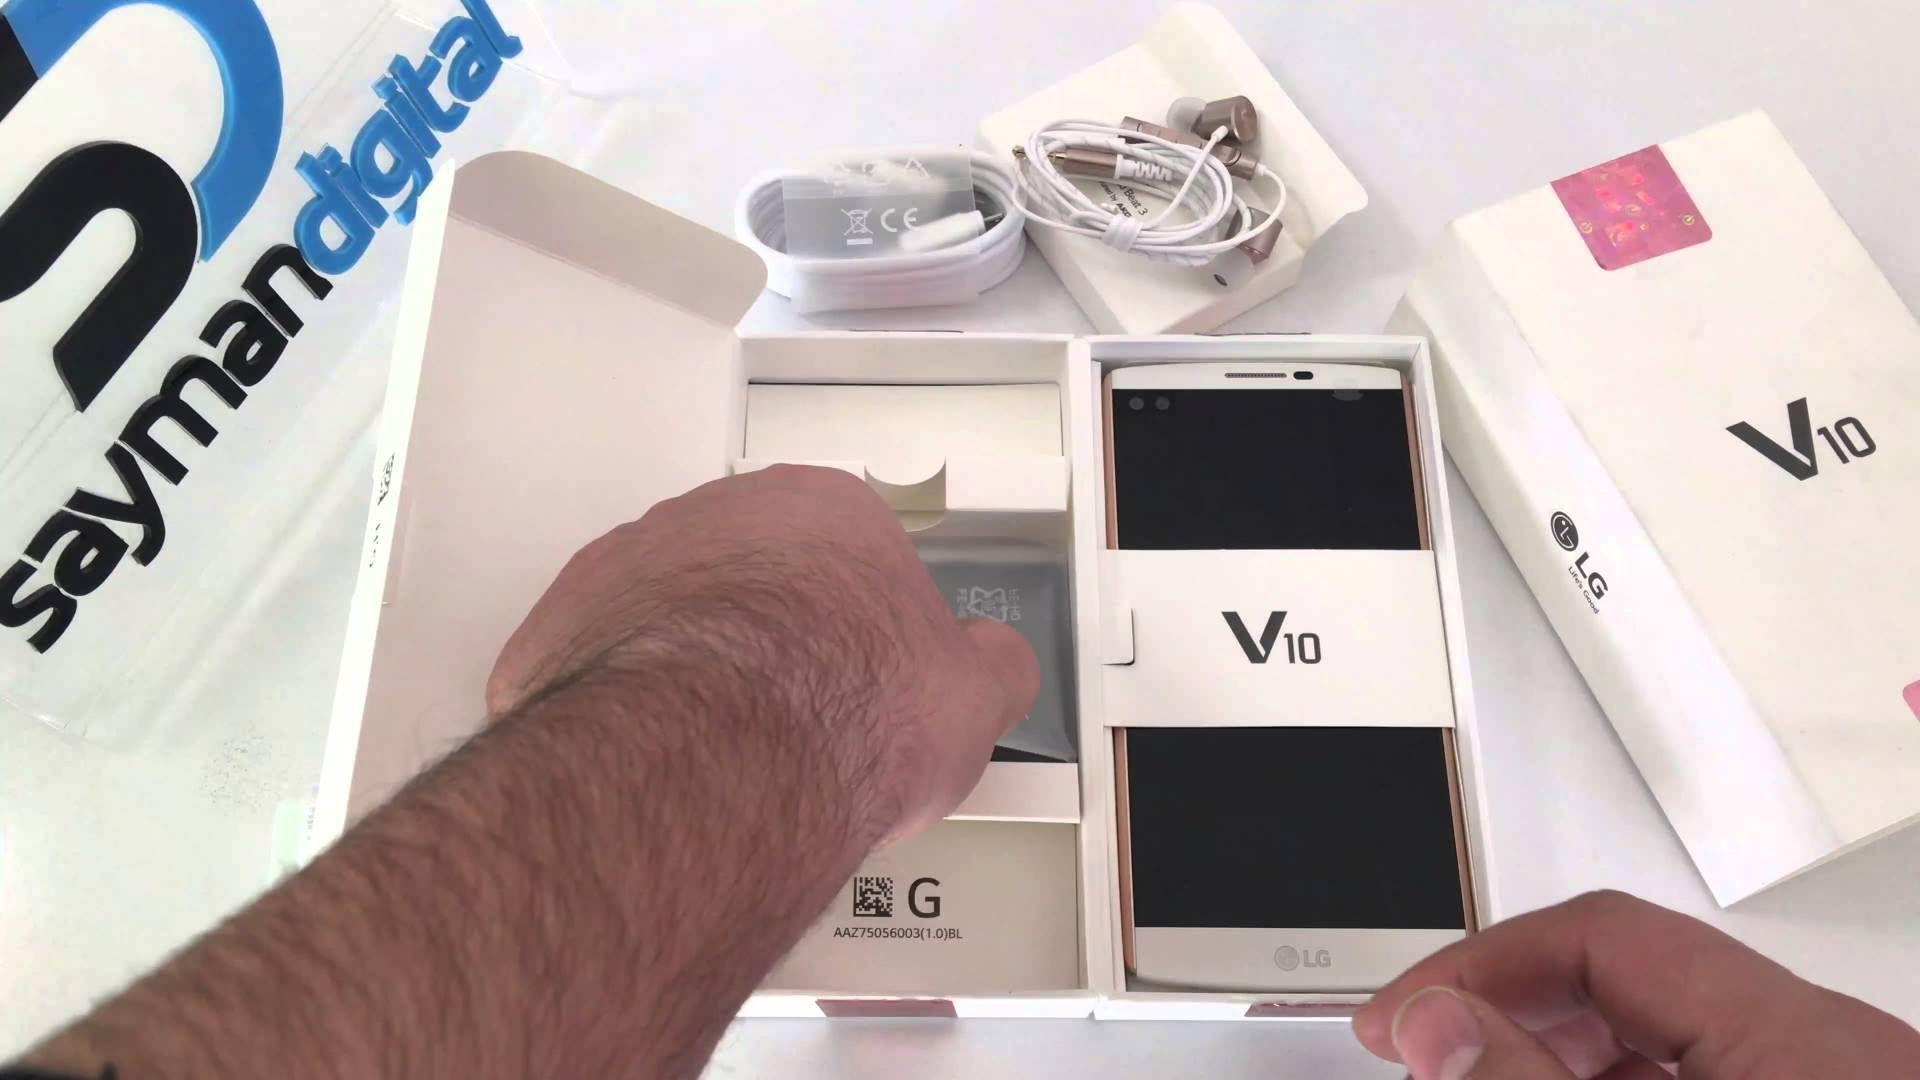 آنباکس ال جی V10 توسط سایمان دیجیتال Lg V10 Unboxing Electronic Products